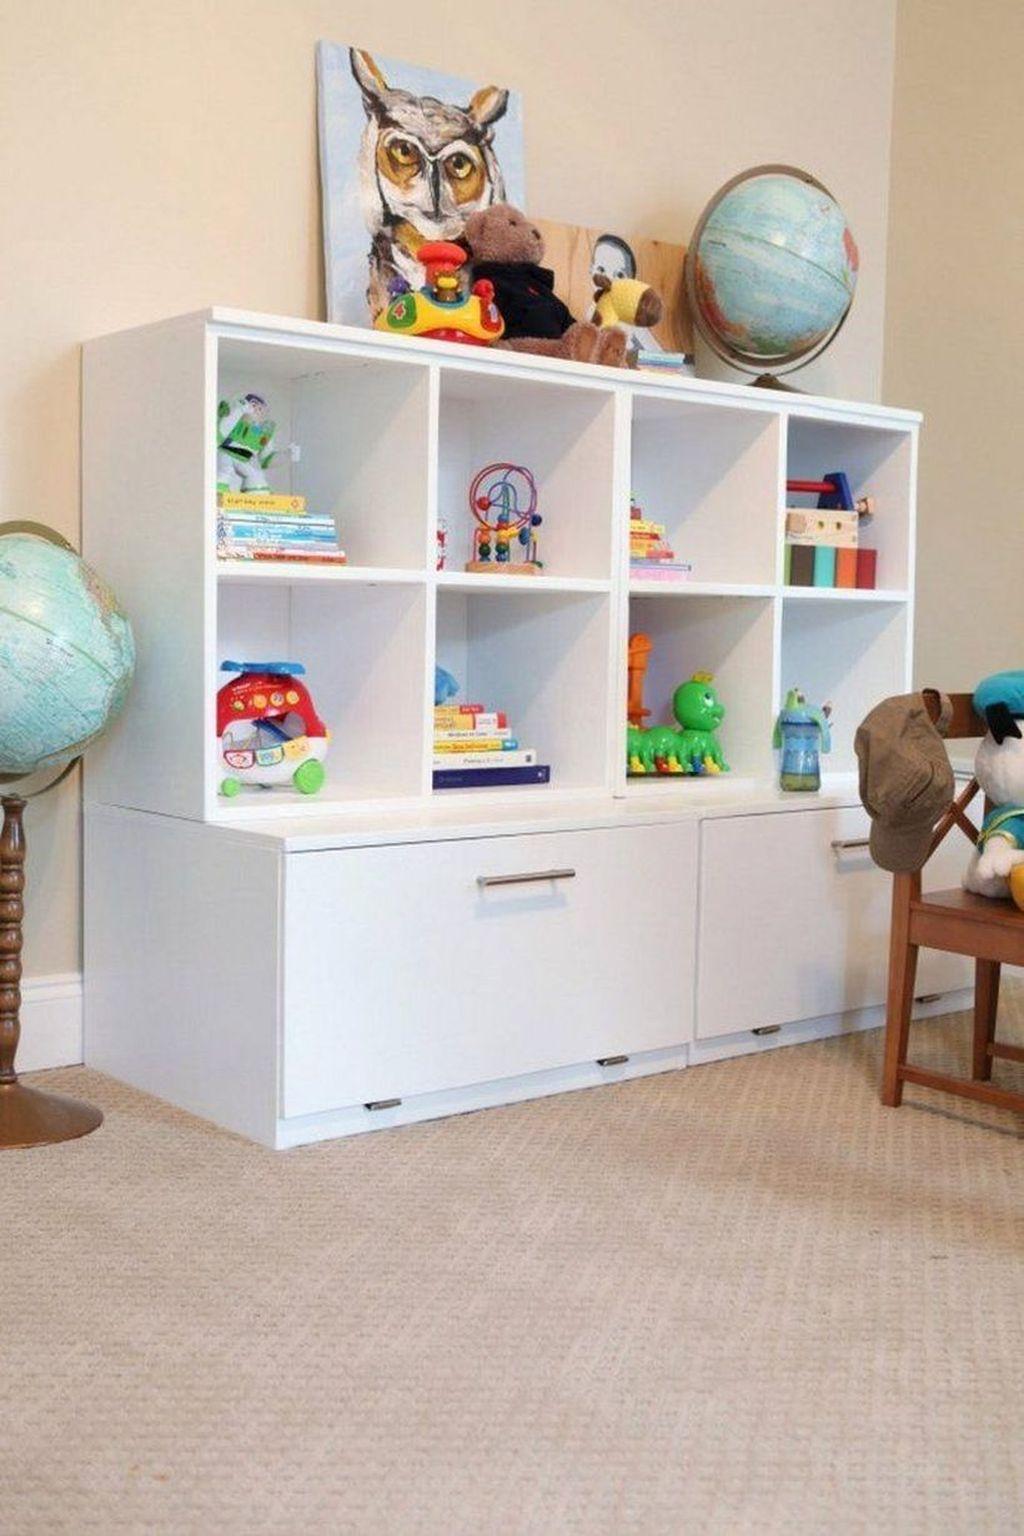 Inspiring Toy Storage Design Ideas 18